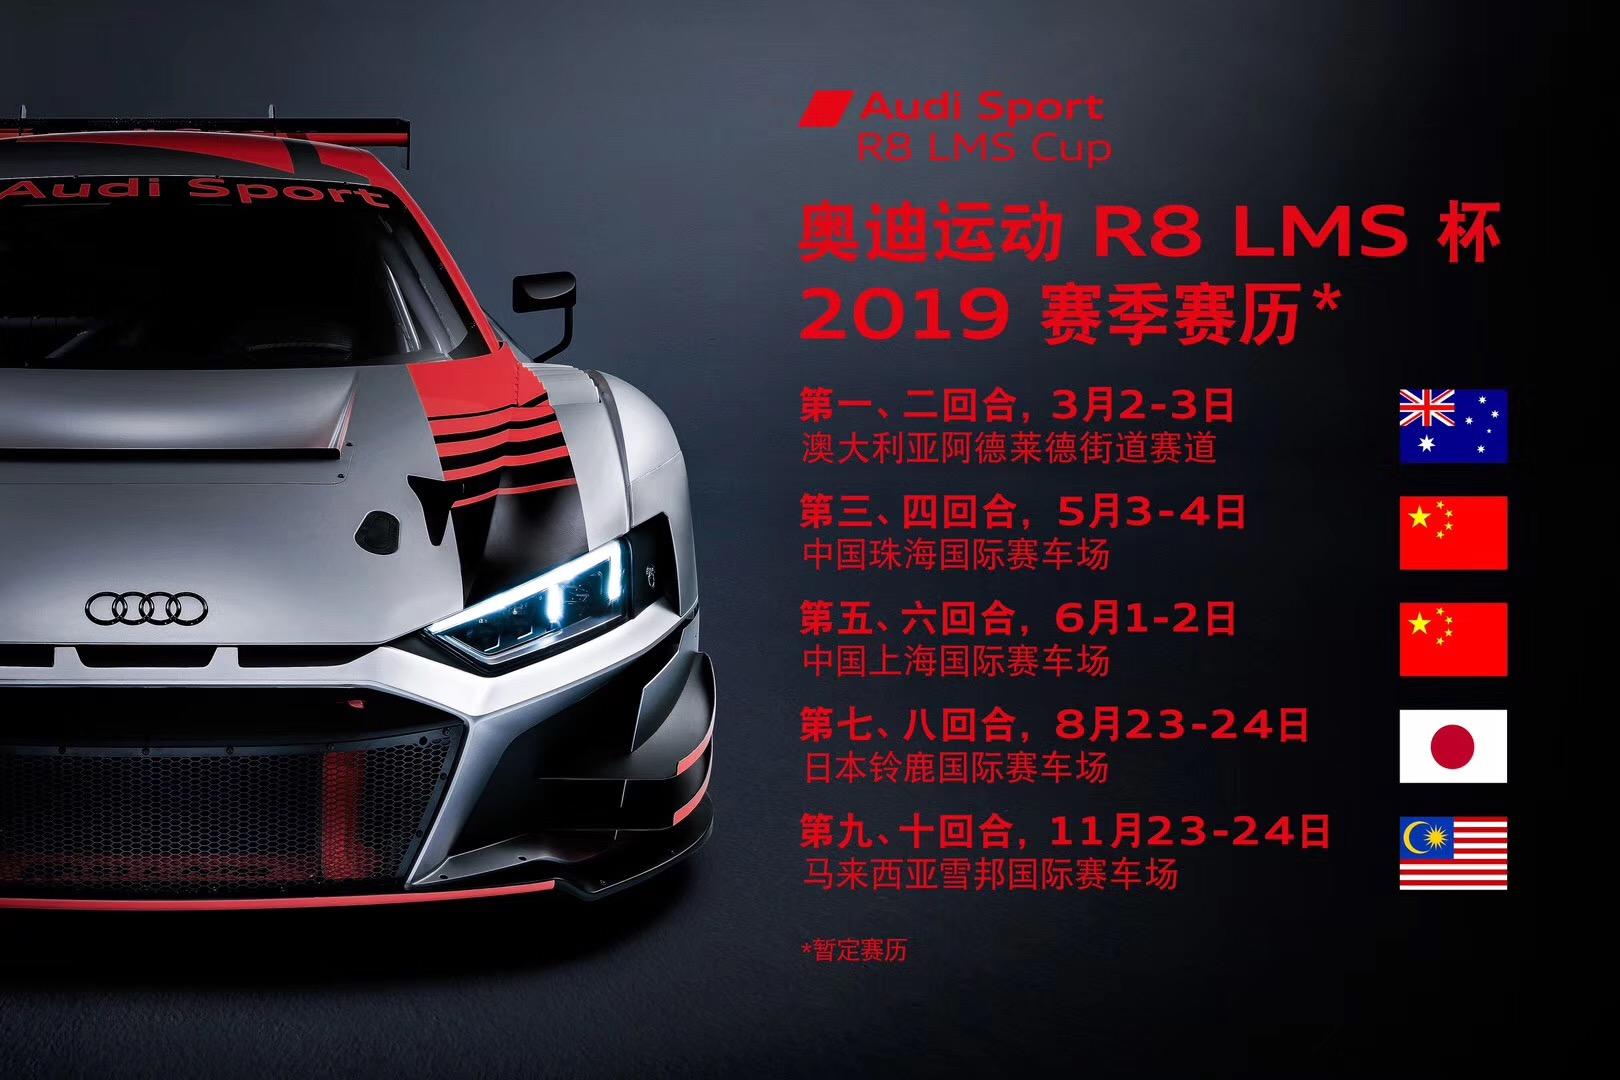 奥迪运动公布R8 LMS杯2019赛历,铃鹿赛道替换纽博格林成焦点